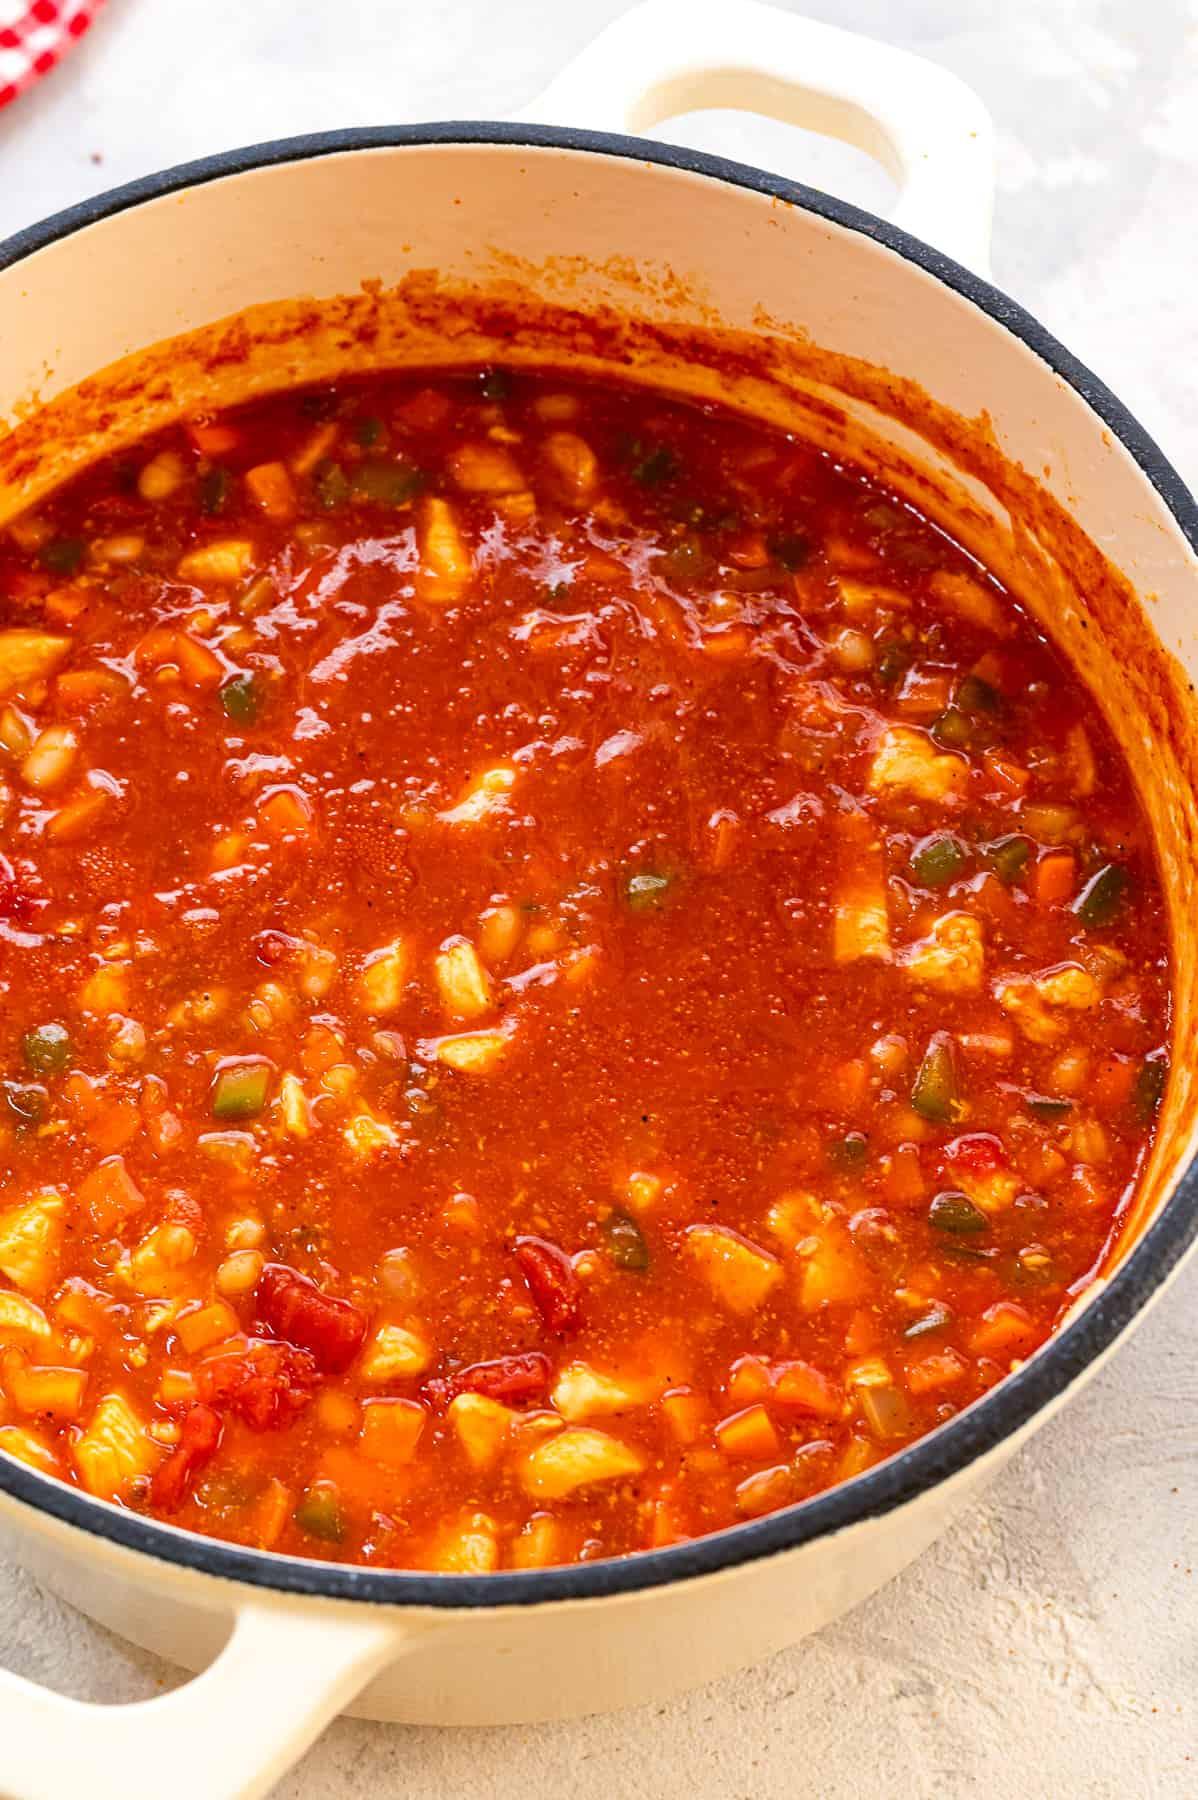 A pot of buffalo chicken chili